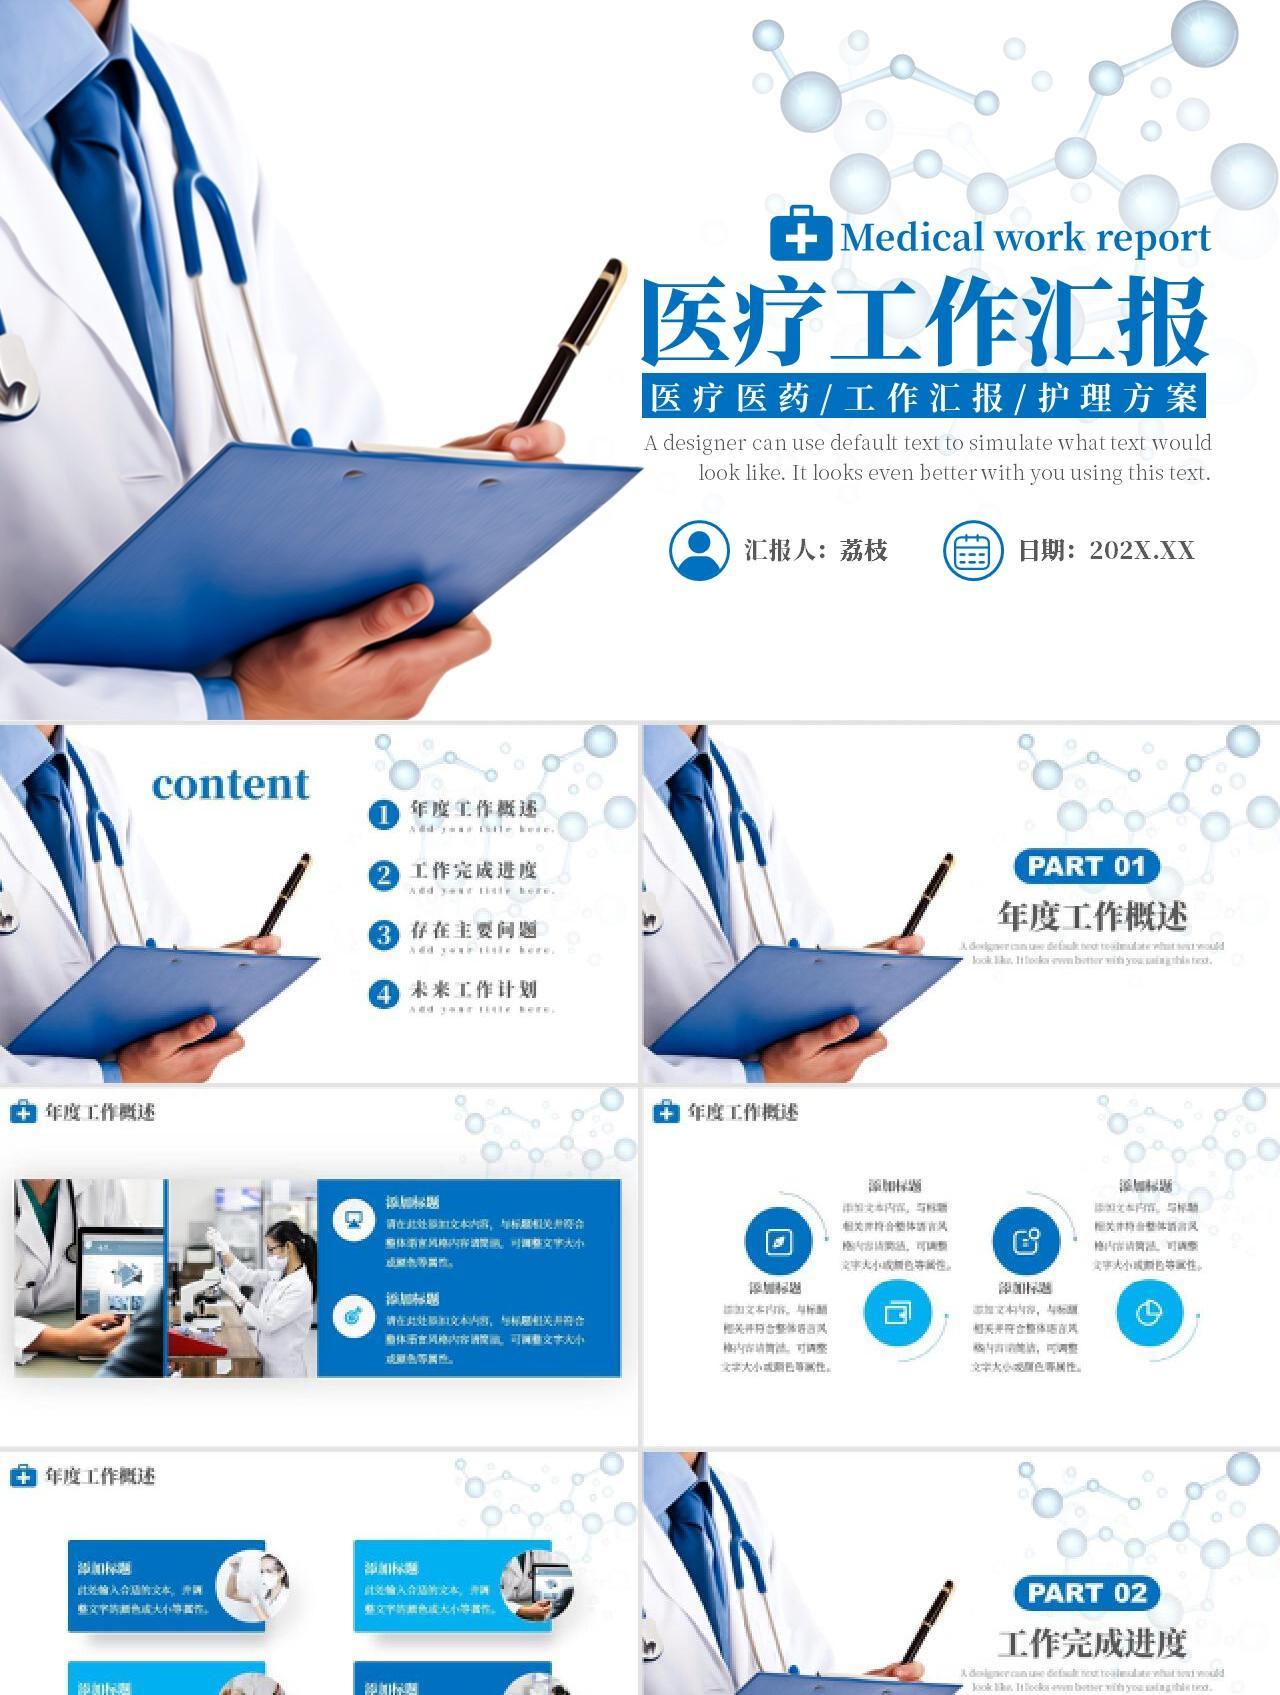 2021蓝色医疗医药行业工作汇报通用PPT模板